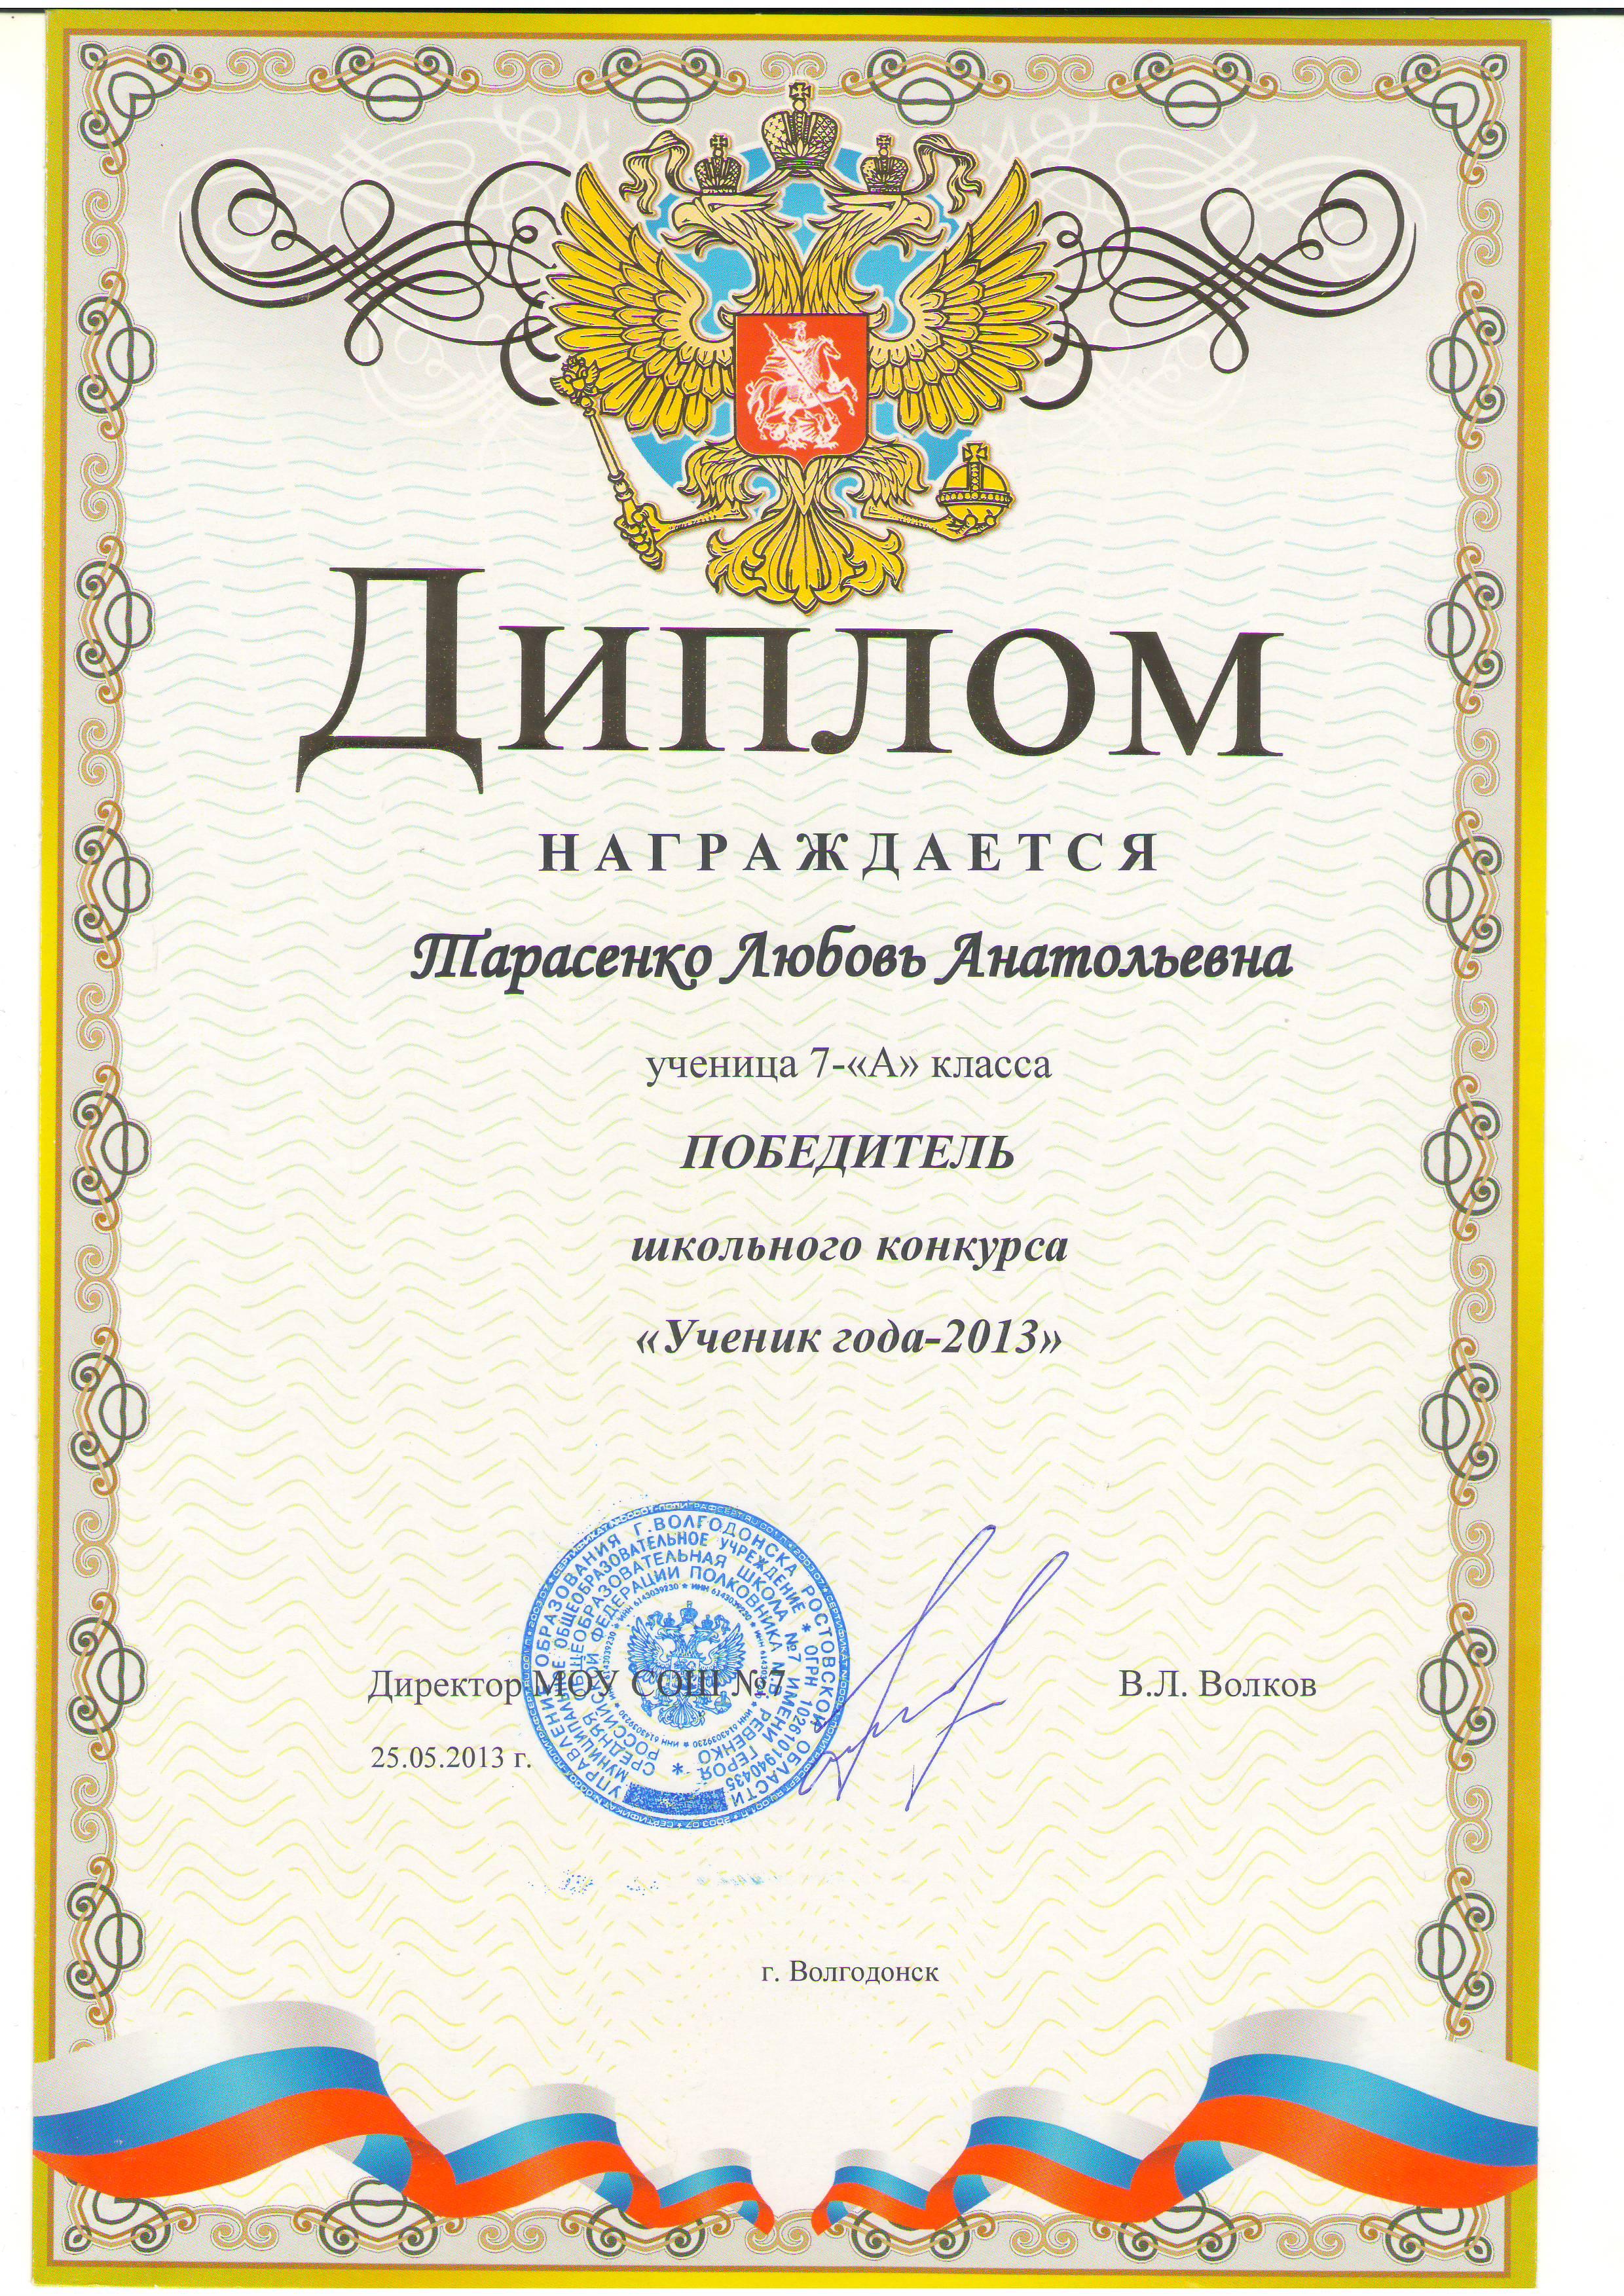 Любовь Тарасенко Педагогическое интернет сообщество УчПортфолио ру jpg Диплом победителя школьного конкурса Ученик года 2013